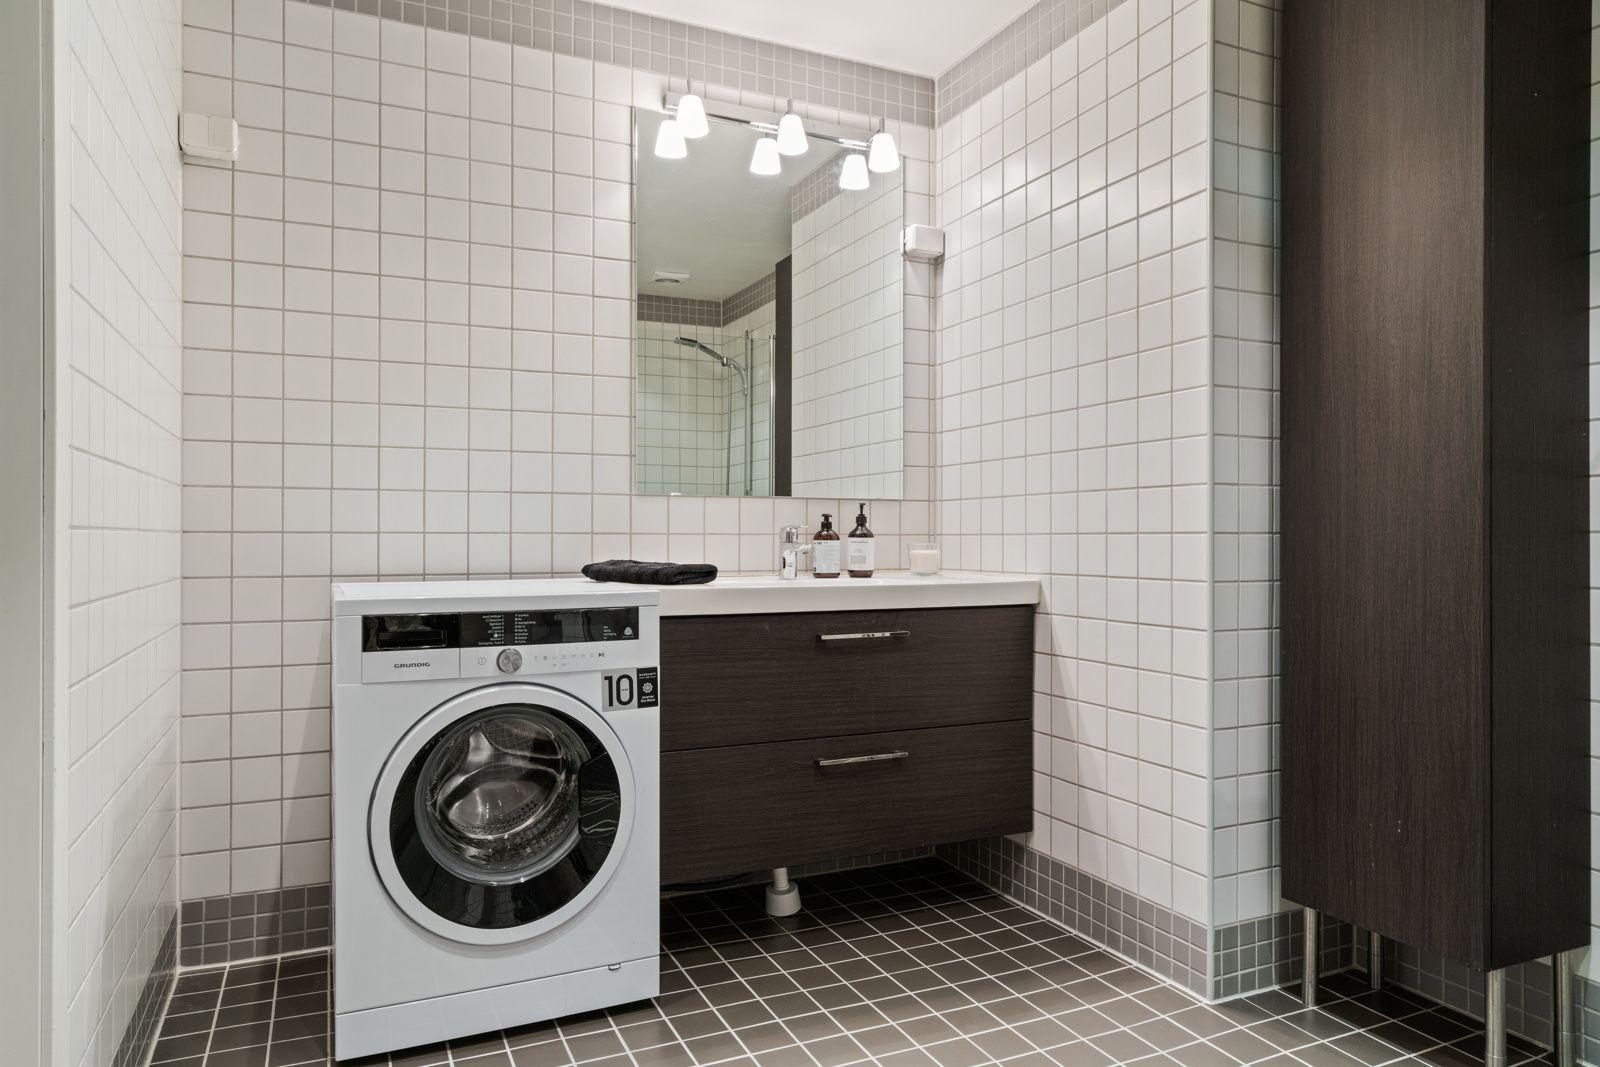 Teglverksgata 11 Det er opplegg til vaskemaskin på bad.